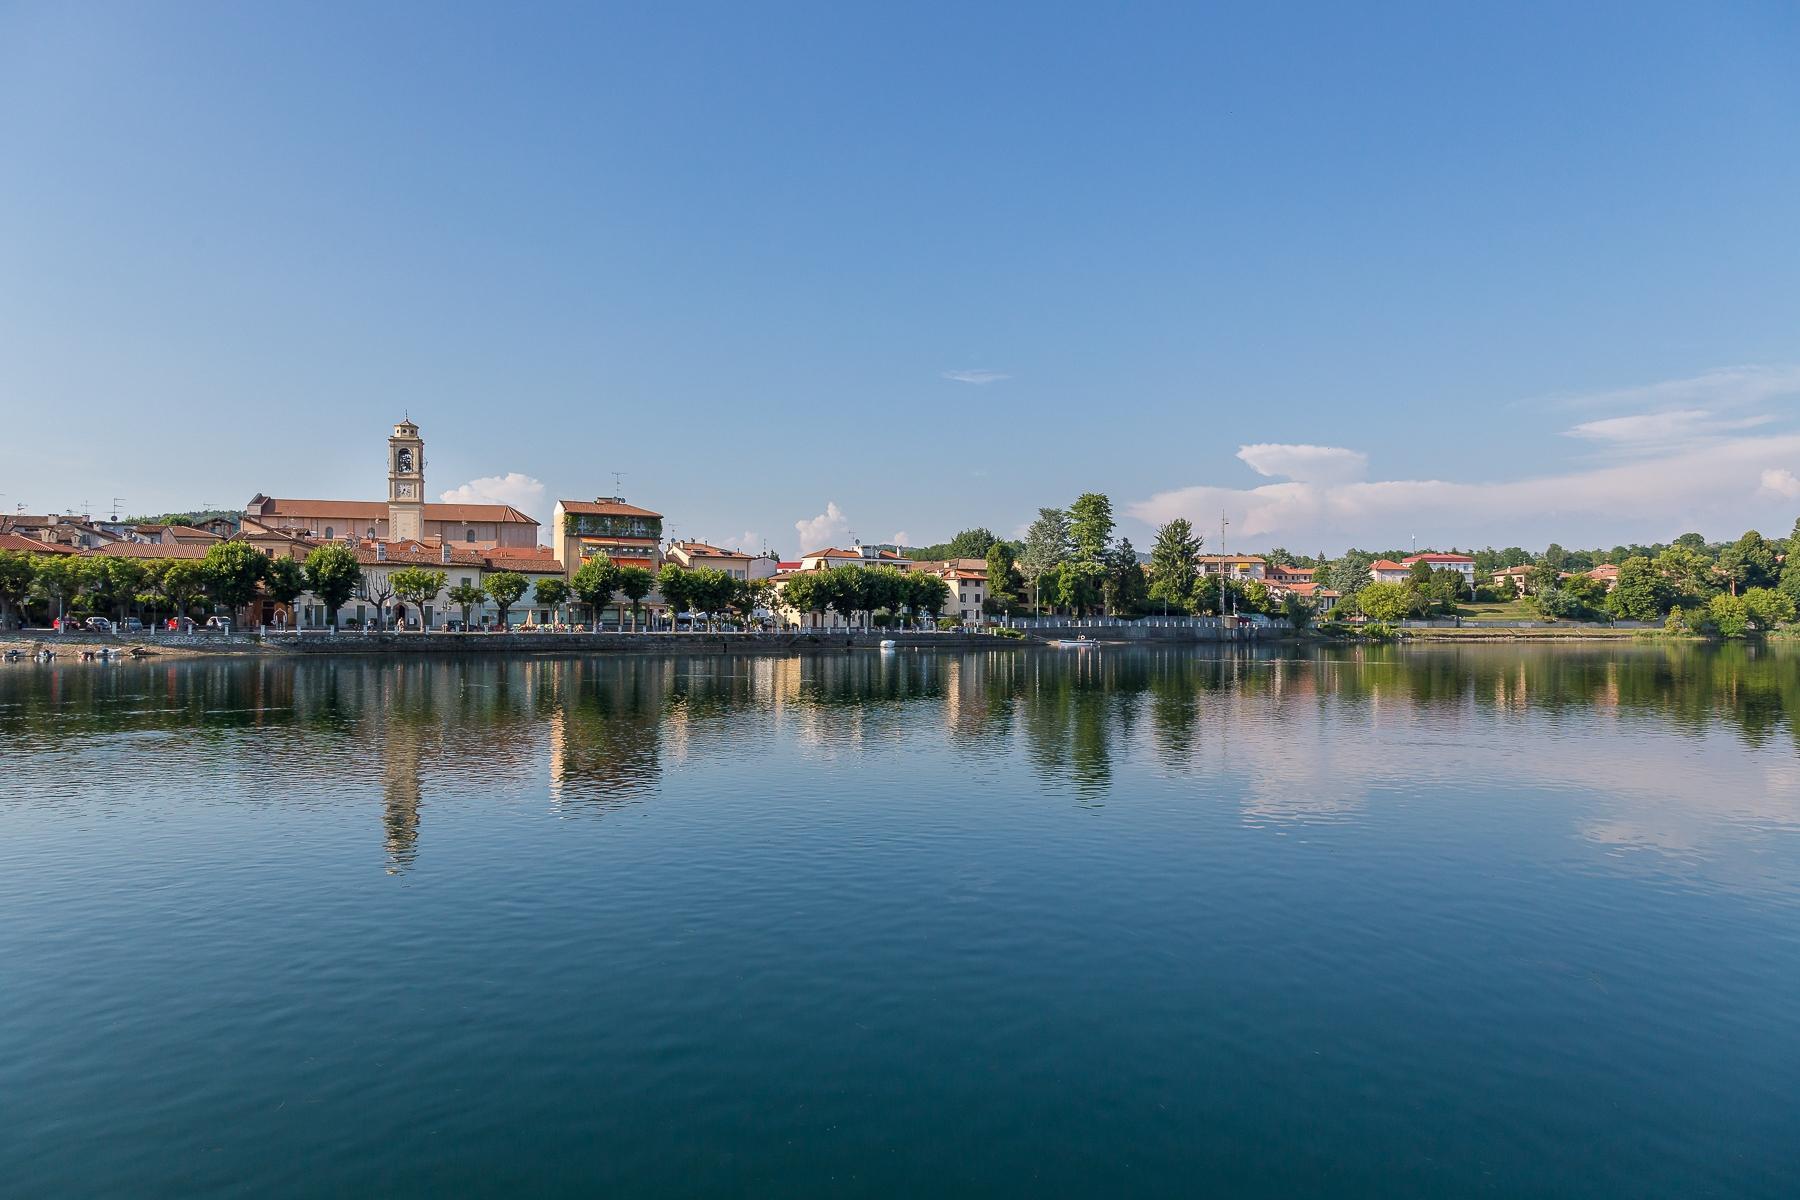 位于Ticino河岸边配有游泳池的别墅 - 32